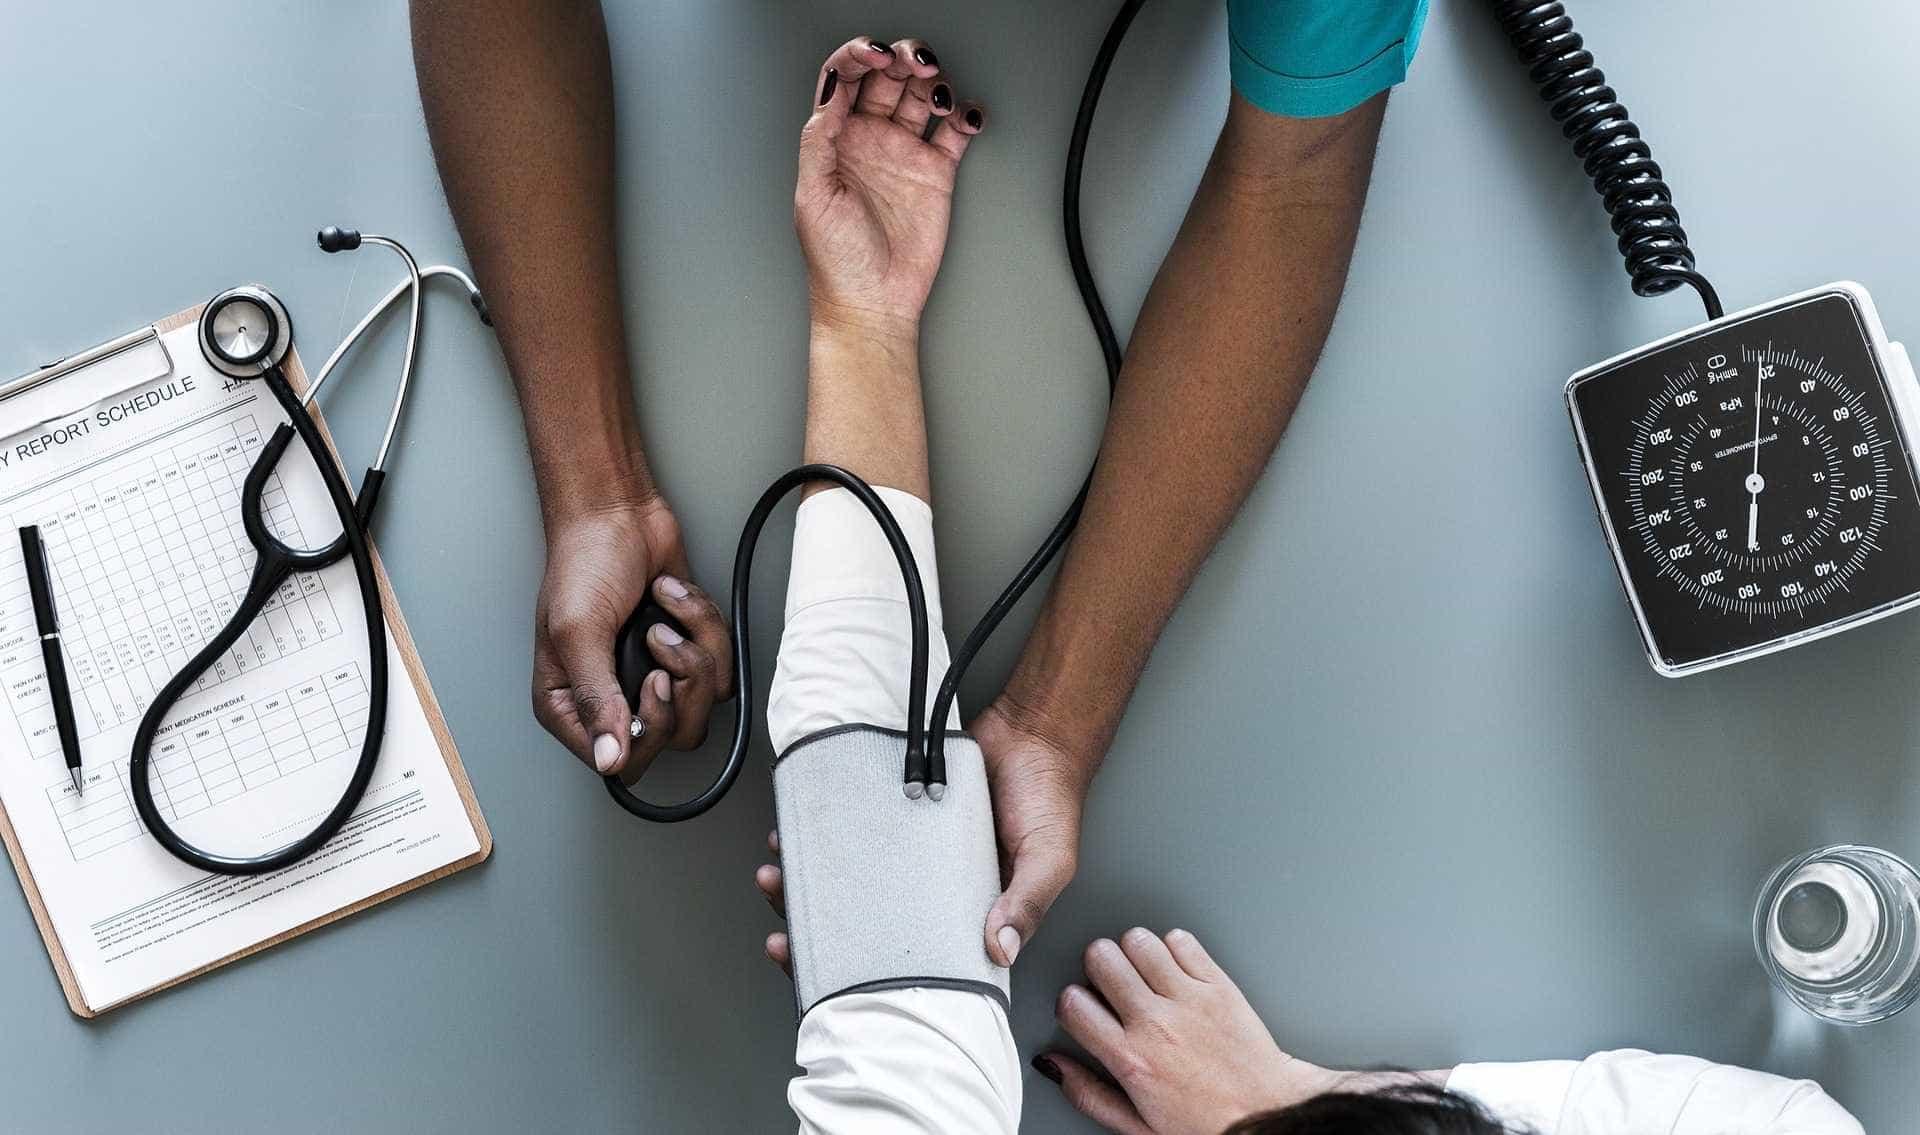 São Paulo: sete em cada 10 profissionais de saúde já sofreram agressão